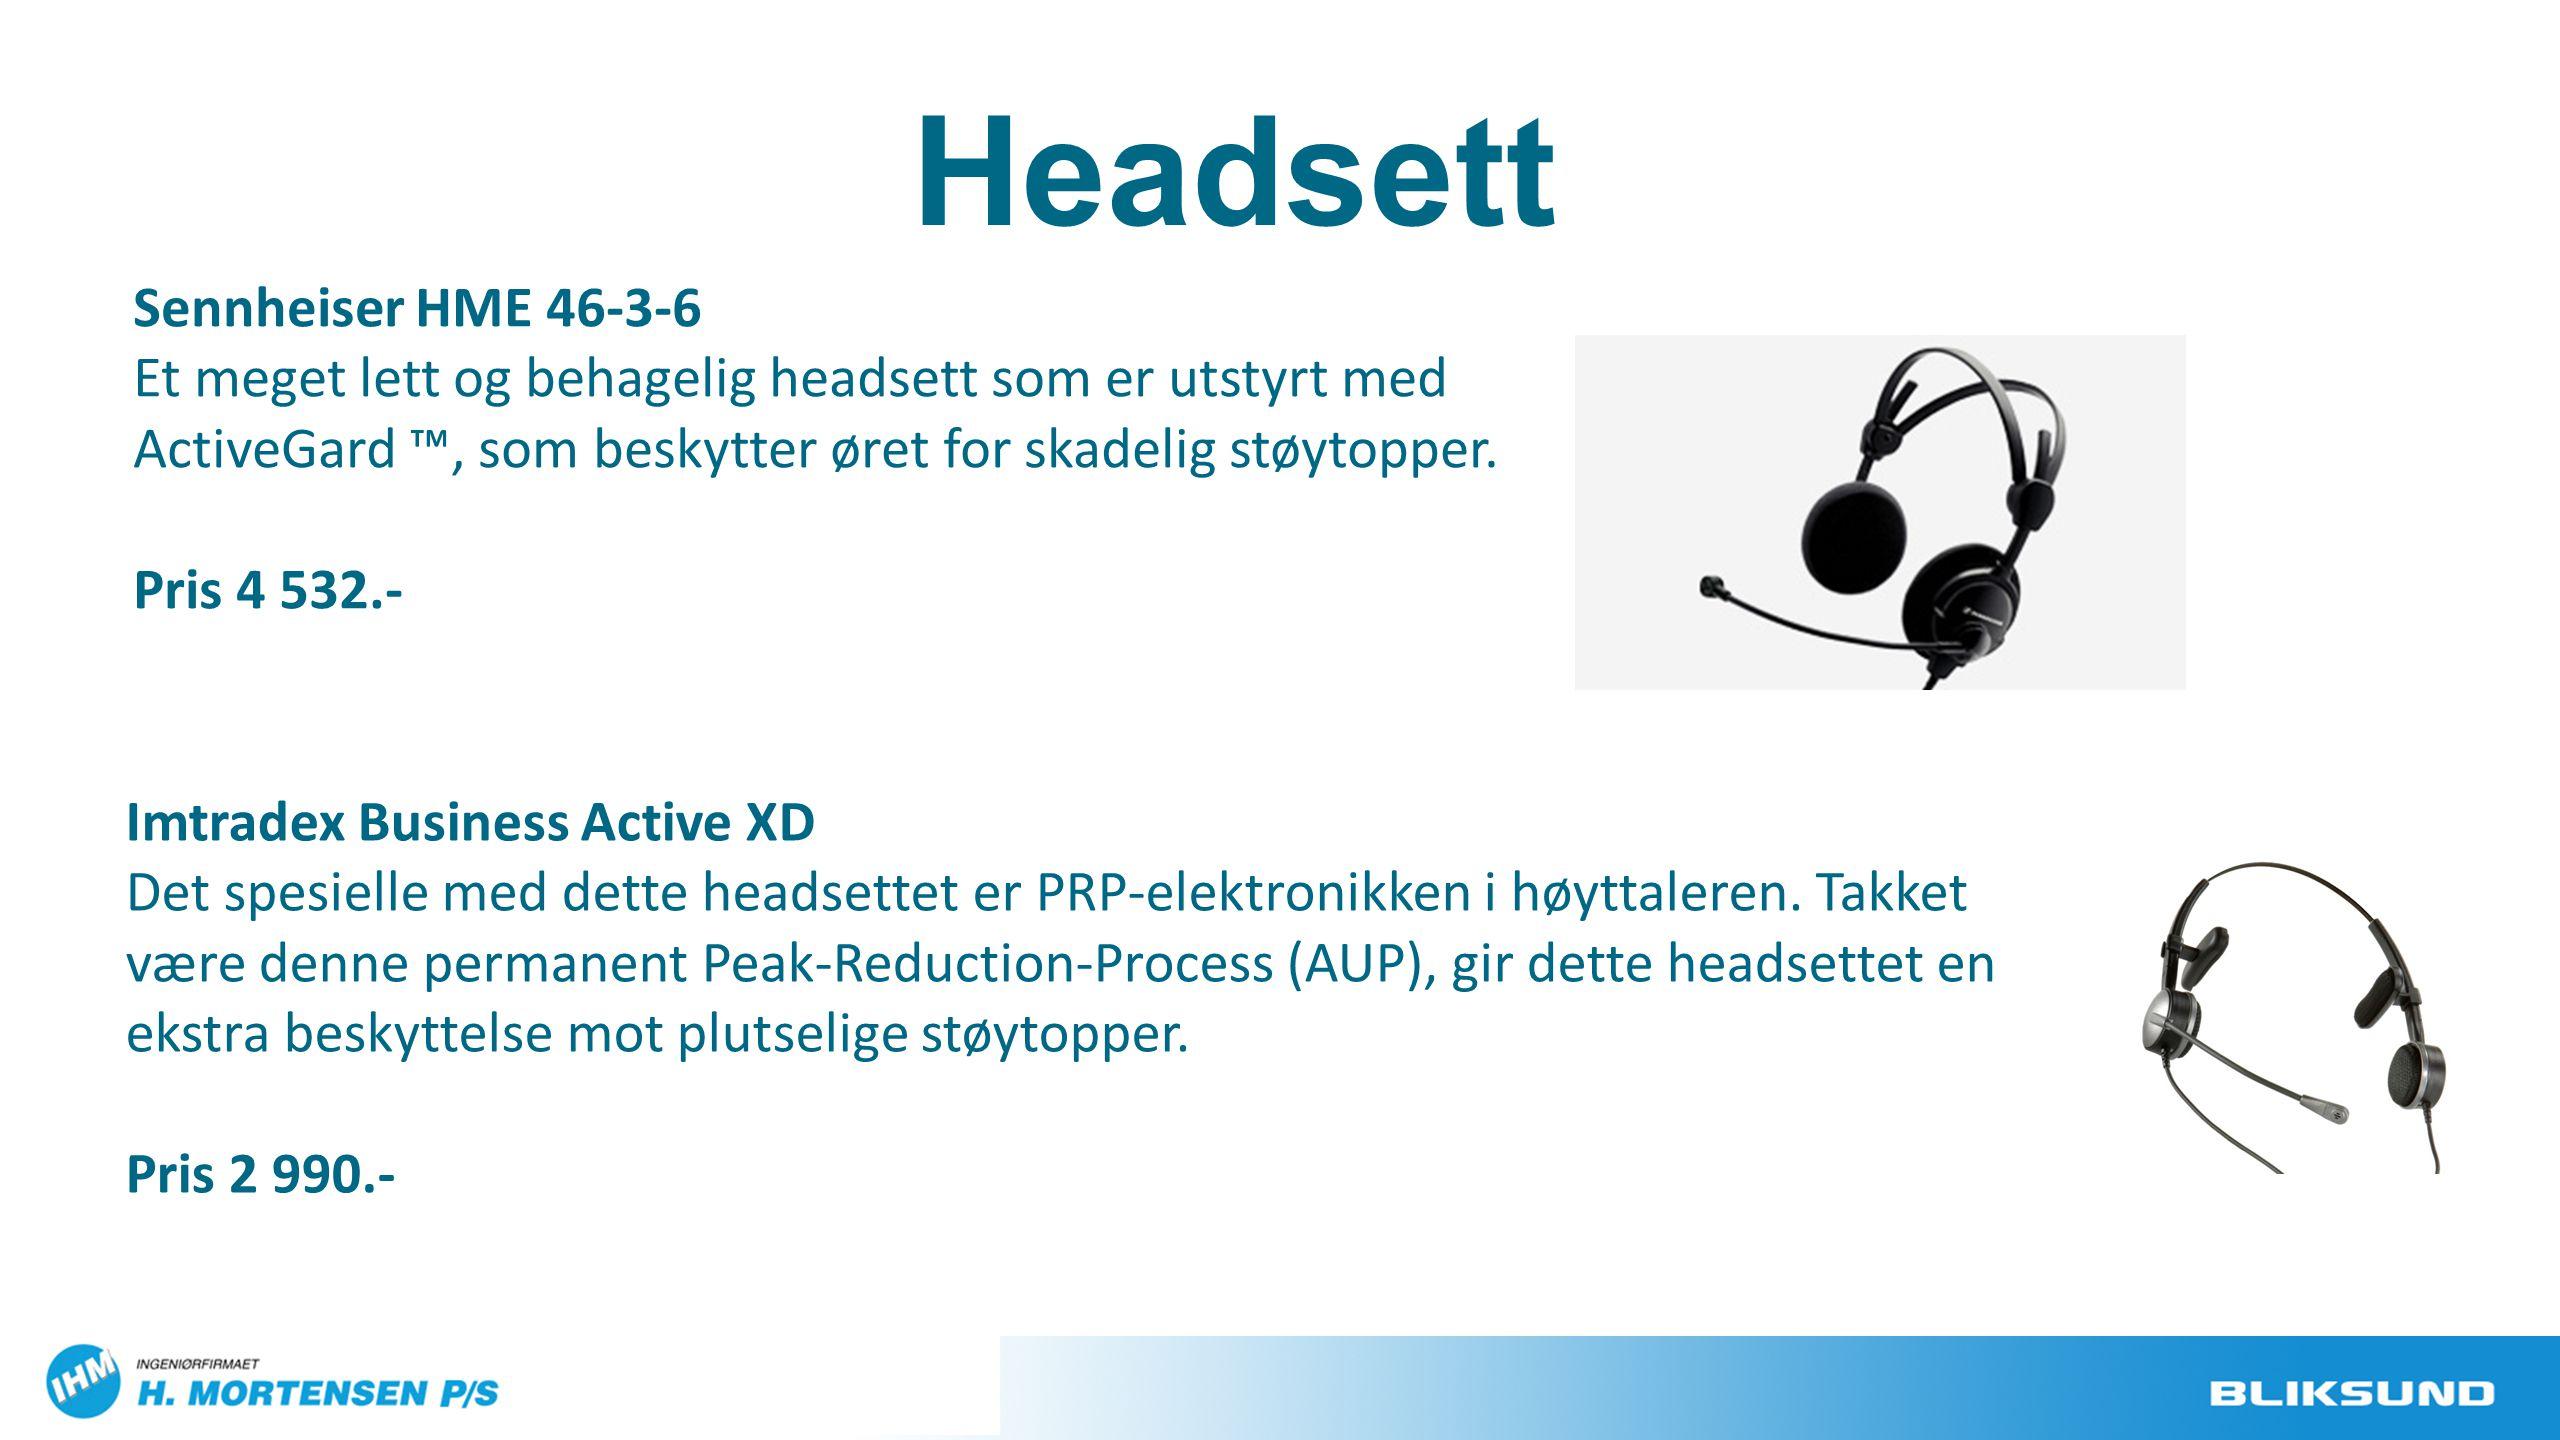 Headsett Sennheiser HME 46-3-6